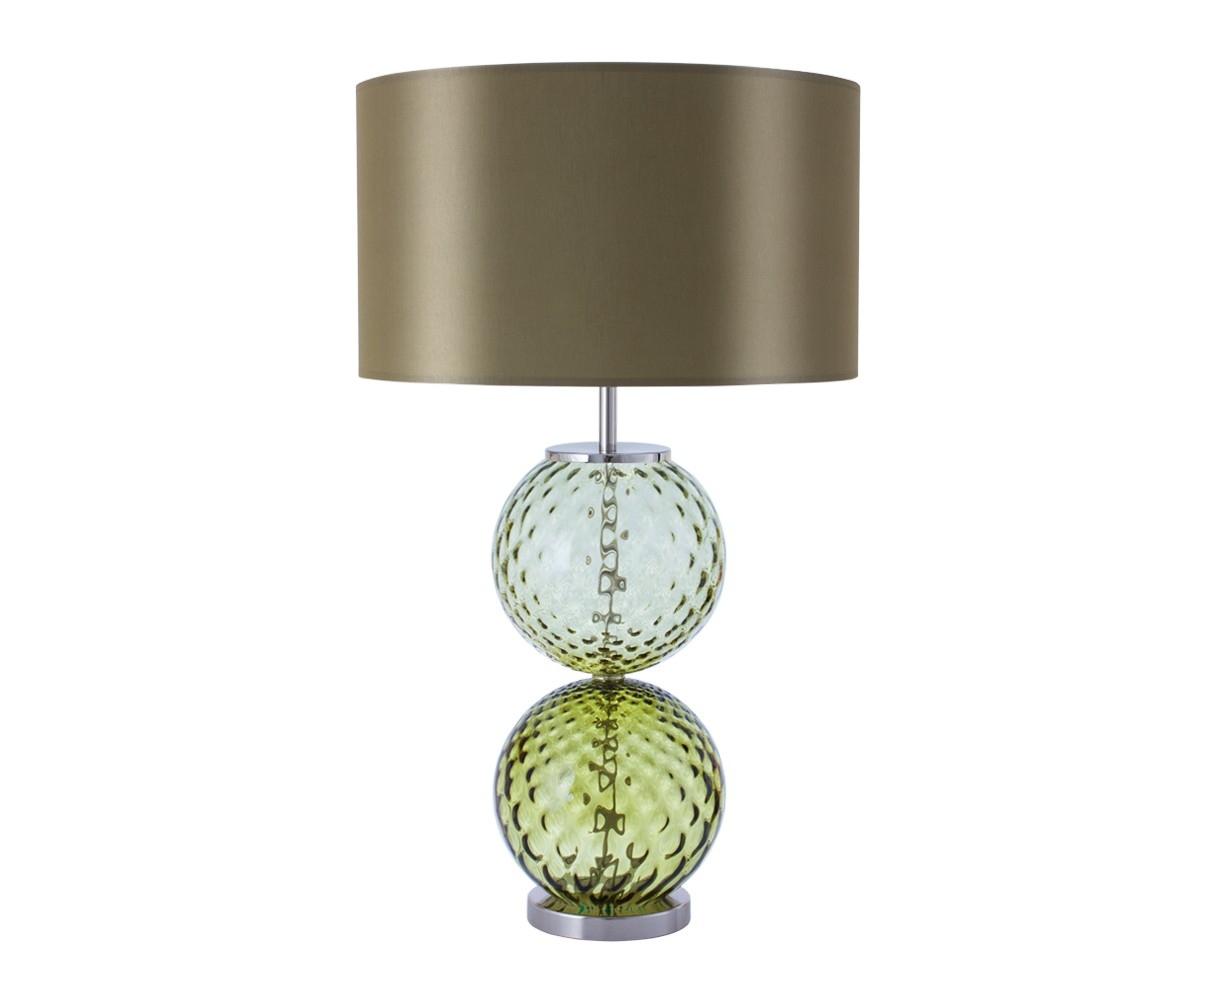 Купить Настольная лампа зеленого цвета, inmyroom, Португалия